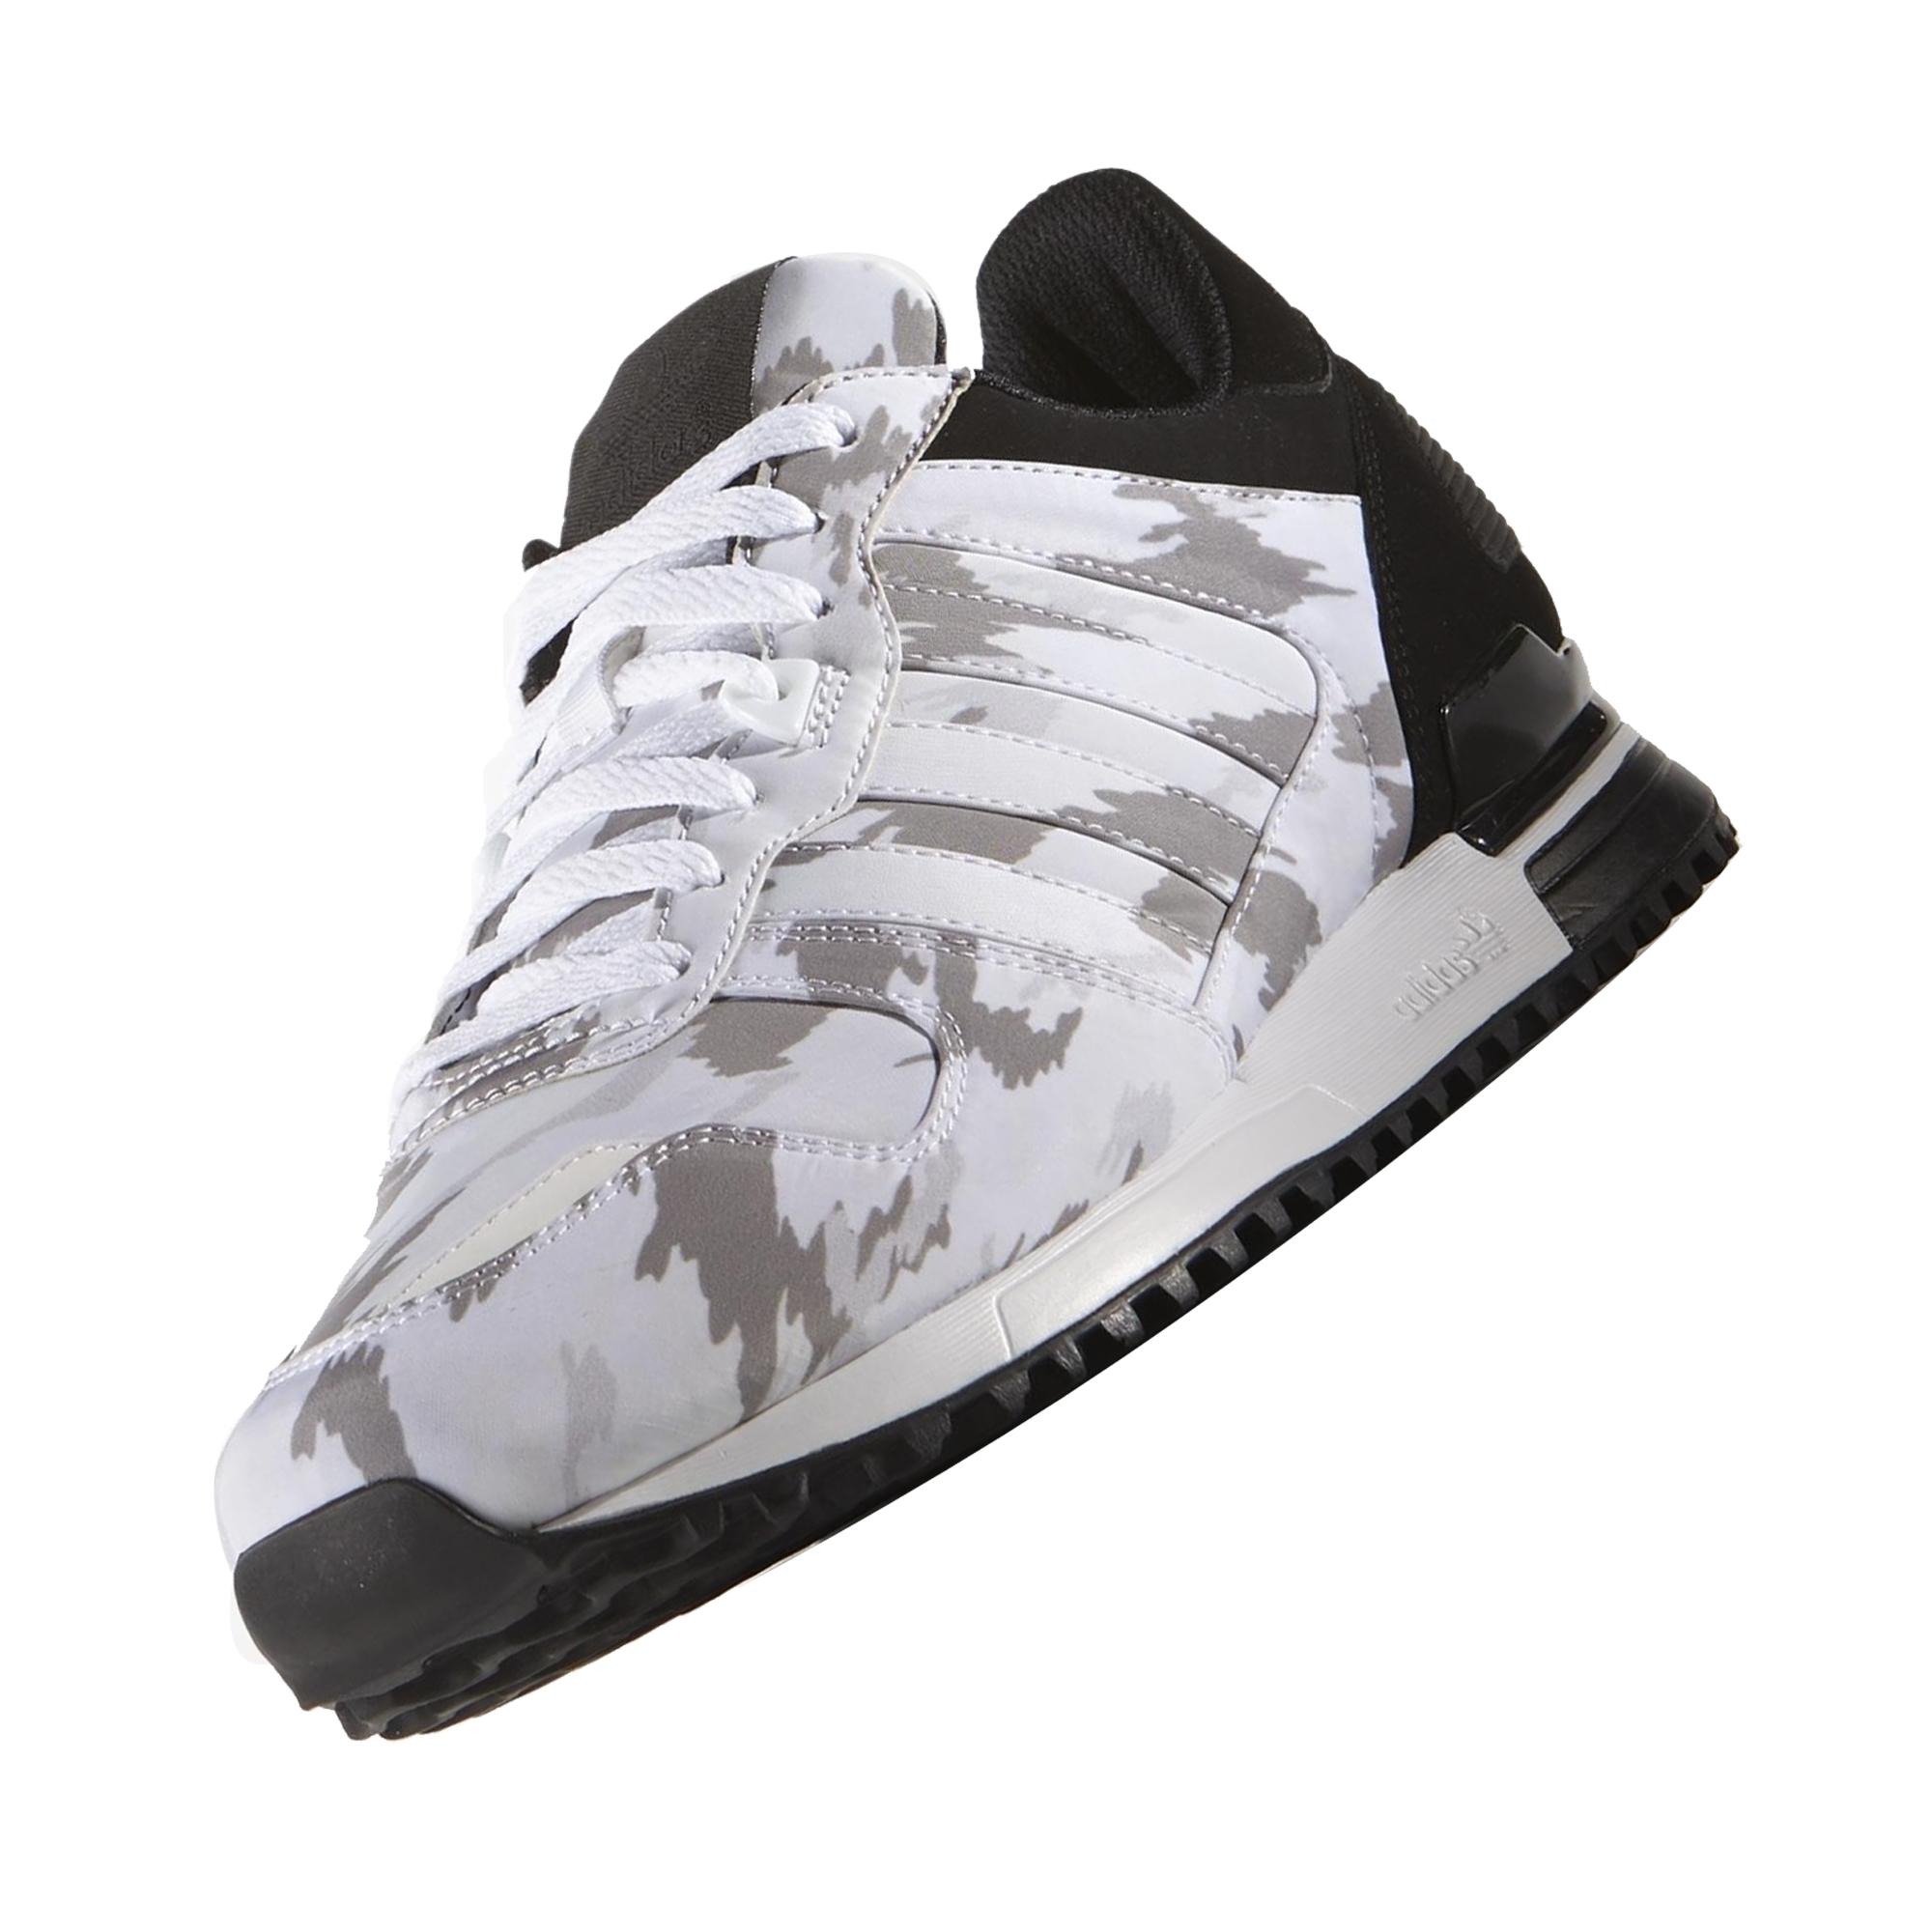 1c3d9947d6974 ... good adidas zx 700 print spor ayakkab 19af5 24180